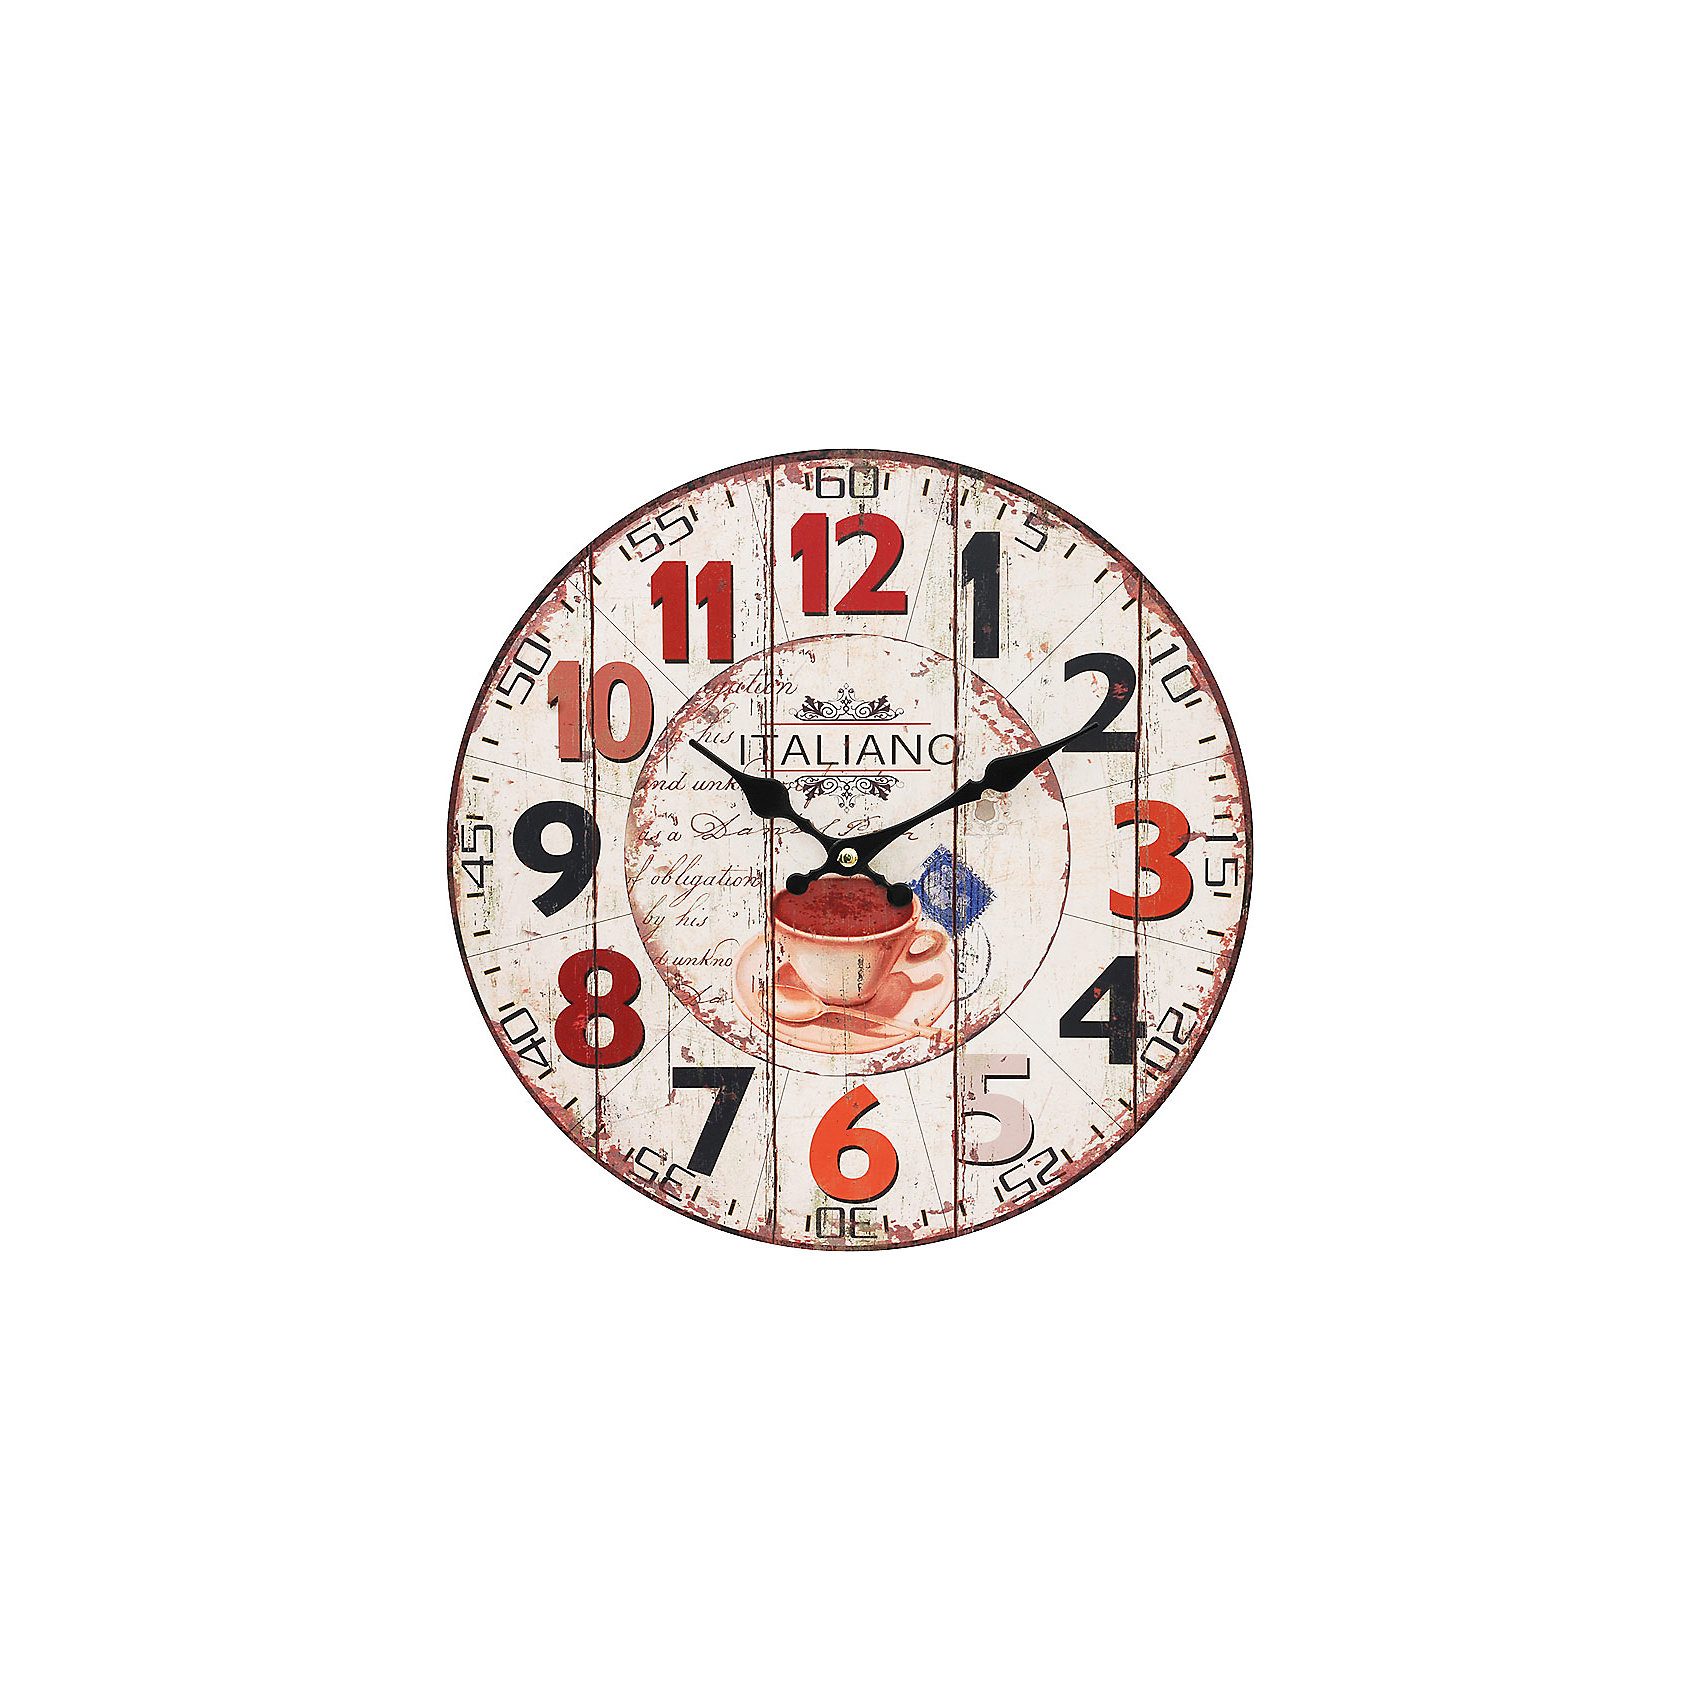 Часы настенные Кофе из Италии, диаметр 34 смЧасы настенные Кофе из Италии, диаметр 34 см.<br><br>Характеристики:<br><br>- Диаметр: 34 см.<br>- Две стрелки часовая и минутная<br>- Батарейка: 1 типа АА (в комплект не входит)<br>- Цвет: бледно-розовый, красный, кремовый<br>- Упаковка картонная коробка<br><br>Кварцевые настенные часы с механизмом плавного хода помимо своего прямого назначения – показывать точное время – станут важным элементом декора Вашего дома, квартиры или офиса. Открытый циферблат часов выполнен из листа оргалита с декоративным покрытием, оформлен изображением чашечки кофе. Часовая и минутная стрелки металлические. Часовой механизм закрыт пластиковым корпусом. Часы будут стильным акцентом в интерьере и создадут дополнительный уют и хорошее настроение.<br><br>Часы настенные Кофе из Италии, диаметр 34 см можно купить в нашем интернет-магазине.<br><br>Ширина мм: 345<br>Глубина мм: 340<br>Высота мм: 45<br>Вес г: 2500<br>Возраст от месяцев: 72<br>Возраст до месяцев: 144<br>Пол: Унисекс<br>Возраст: Детский<br>SKU: 5089821